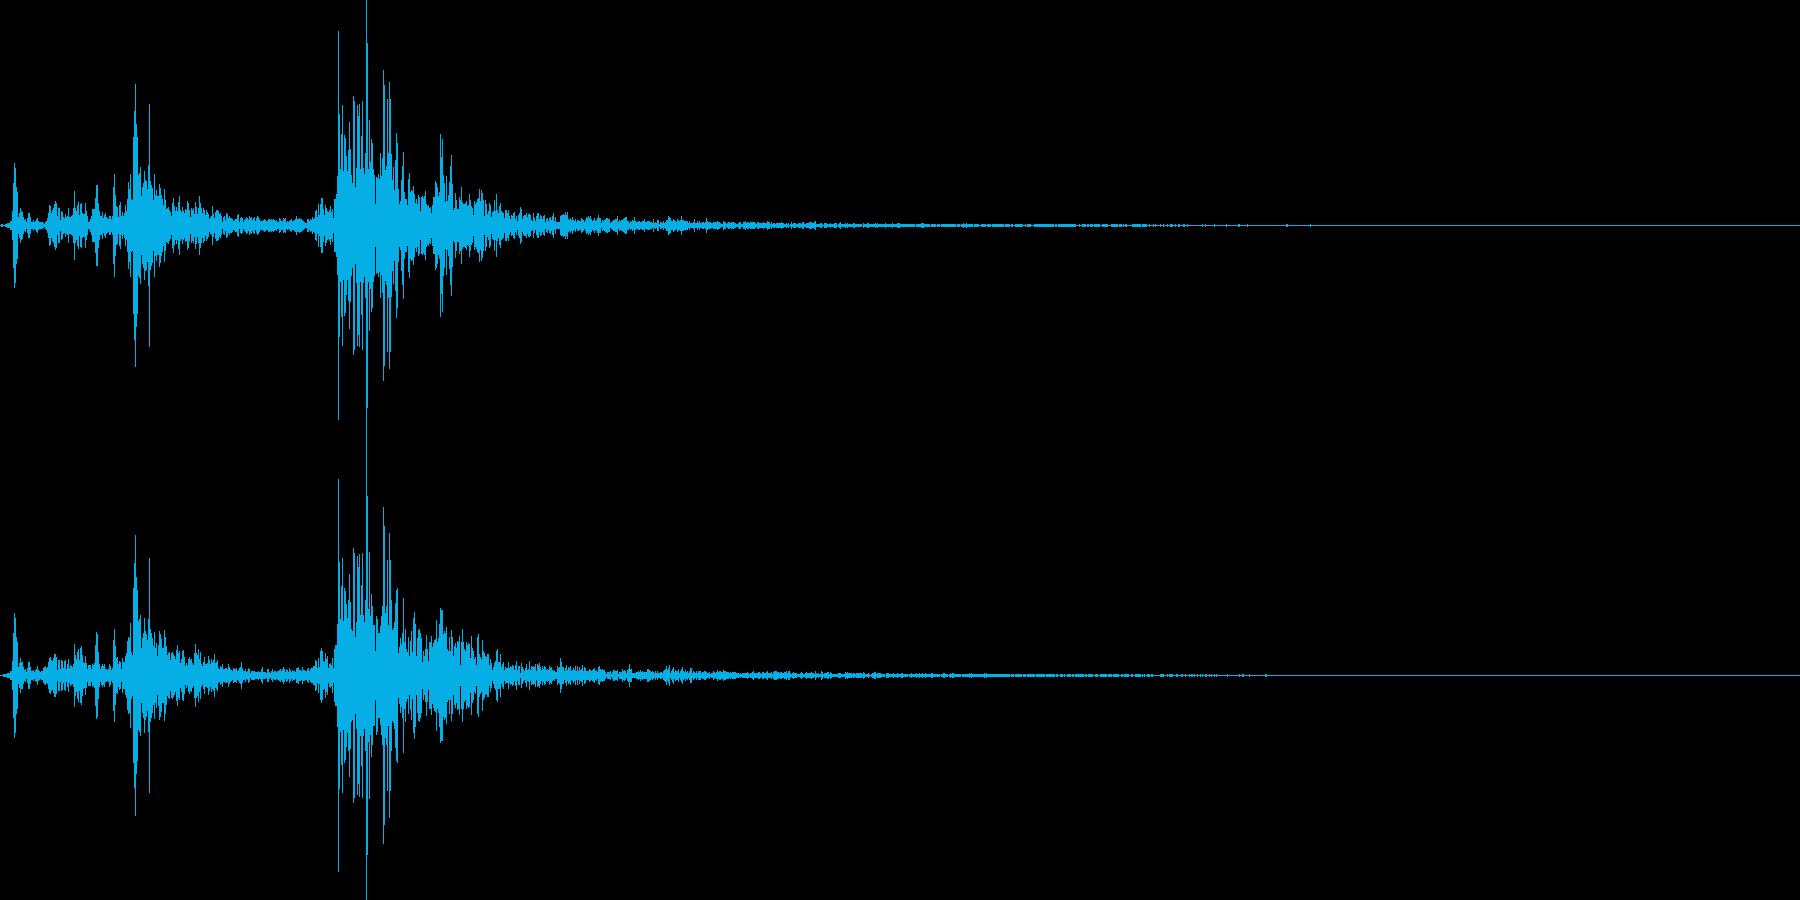 環境設定SE_07_環境設定の項目01の再生済みの波形